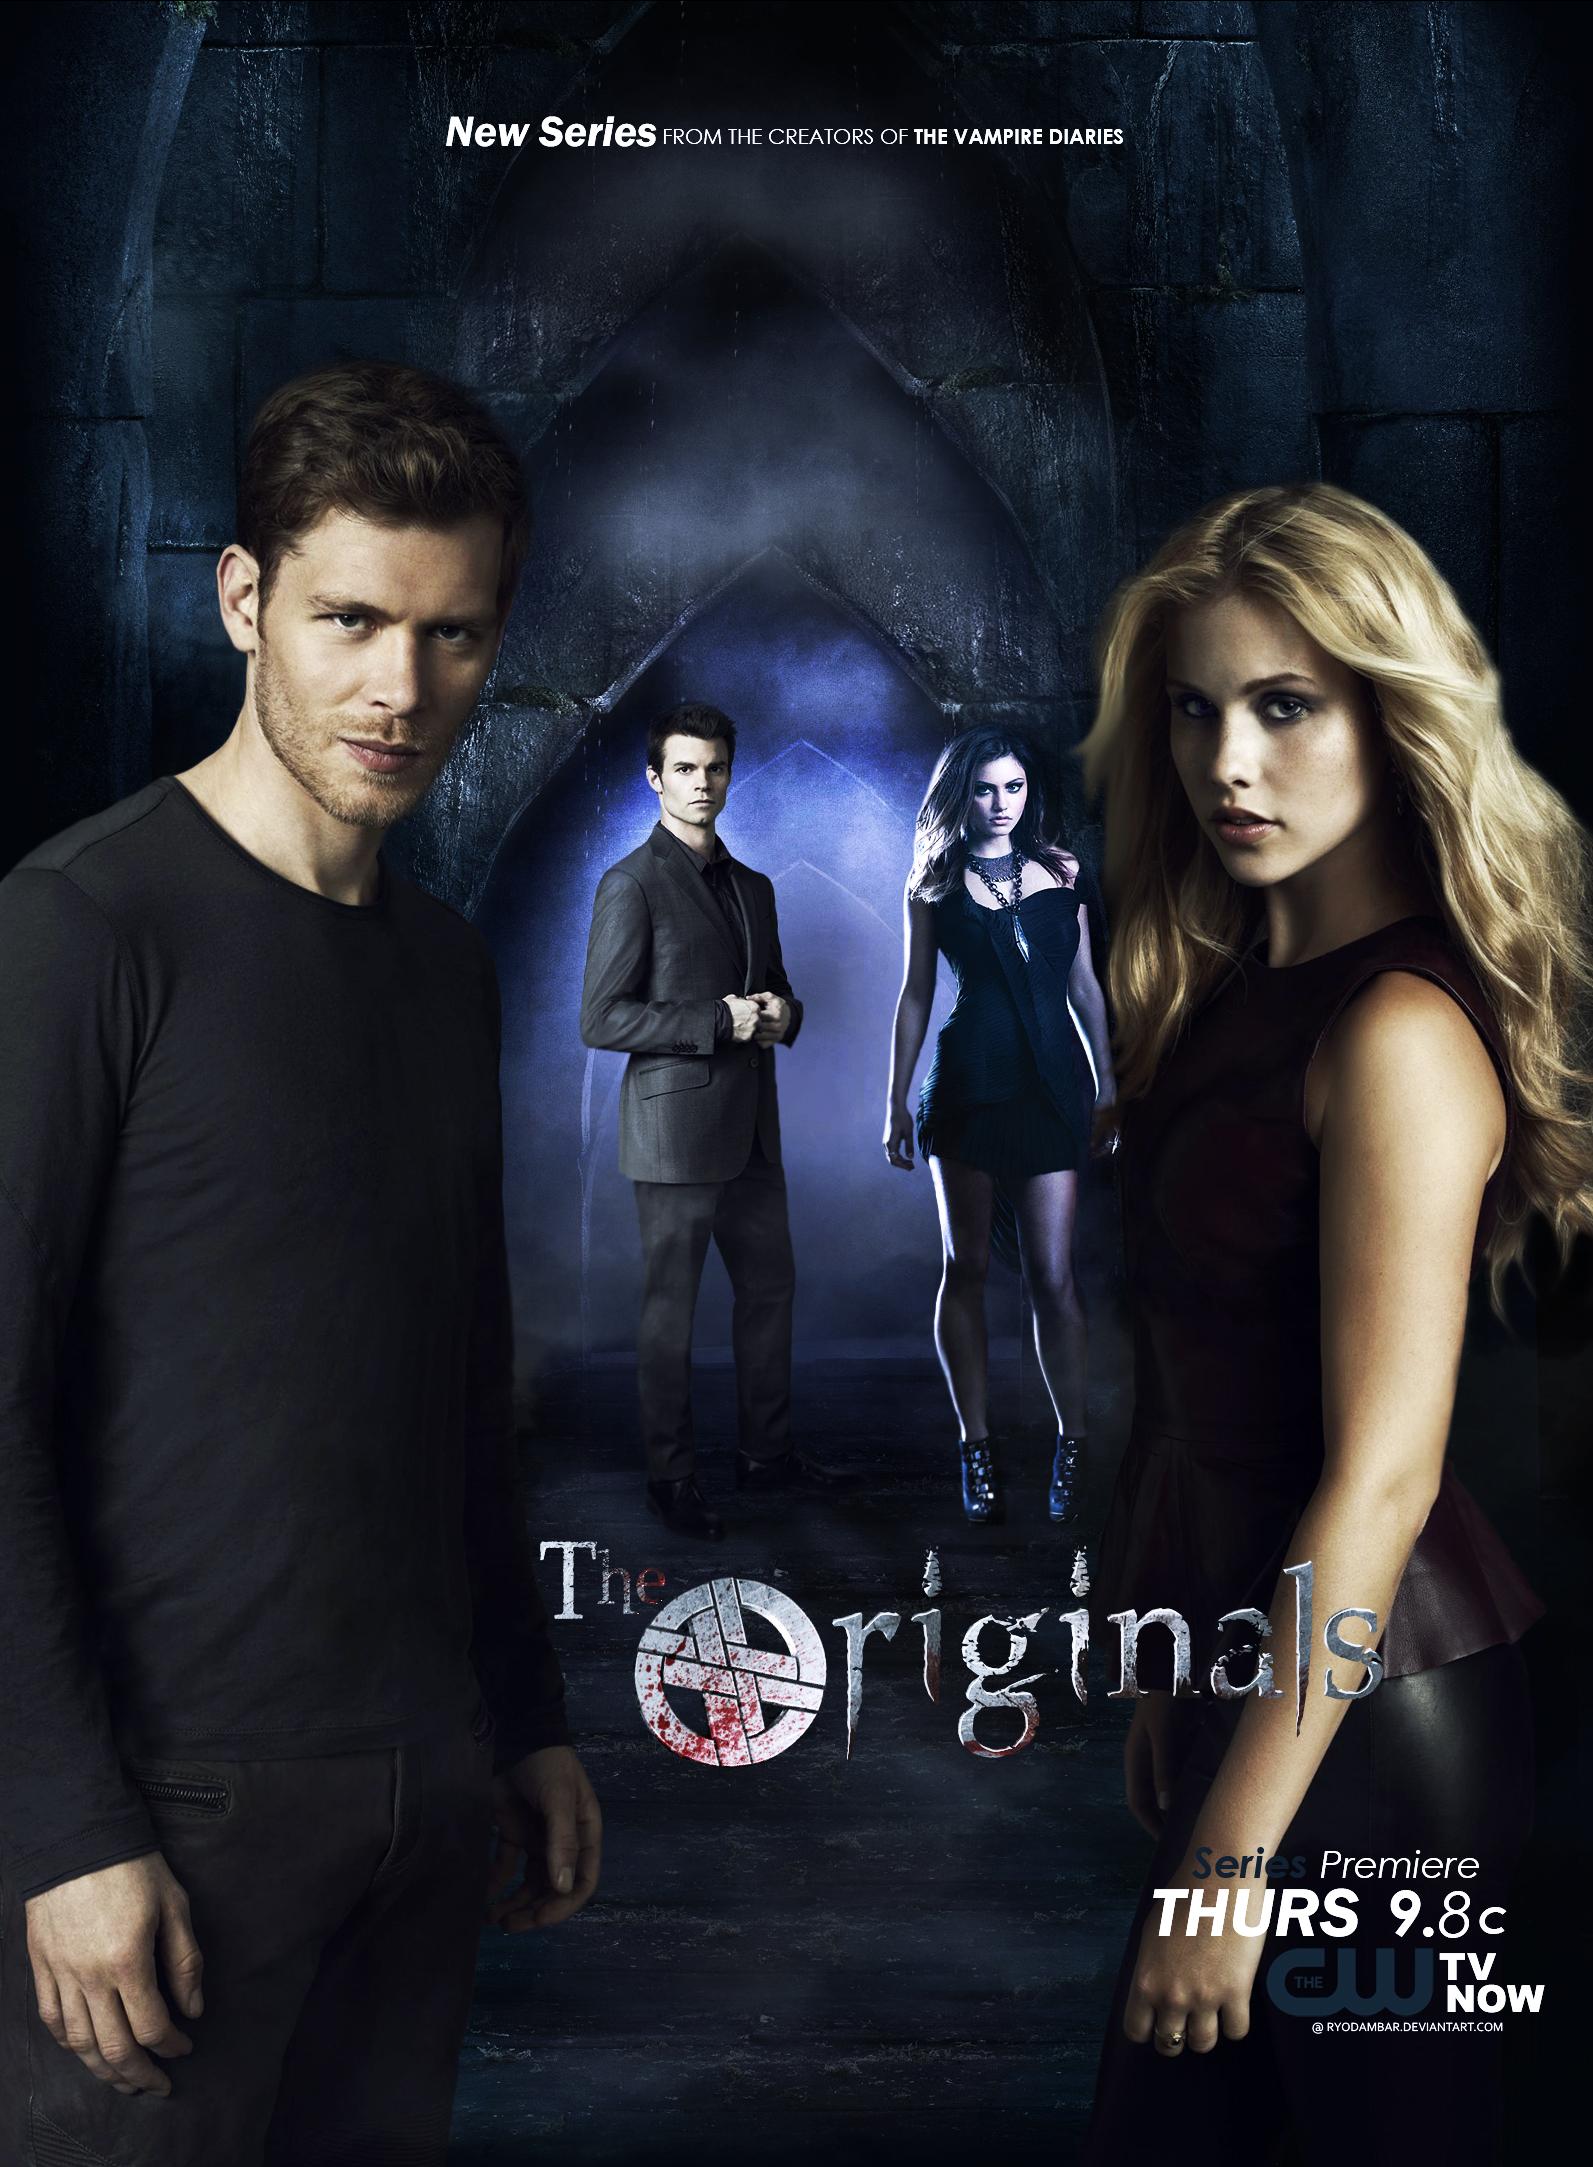 The Originals un nouveau clip pour le spin off de The Vampire Diaries 1593x2167